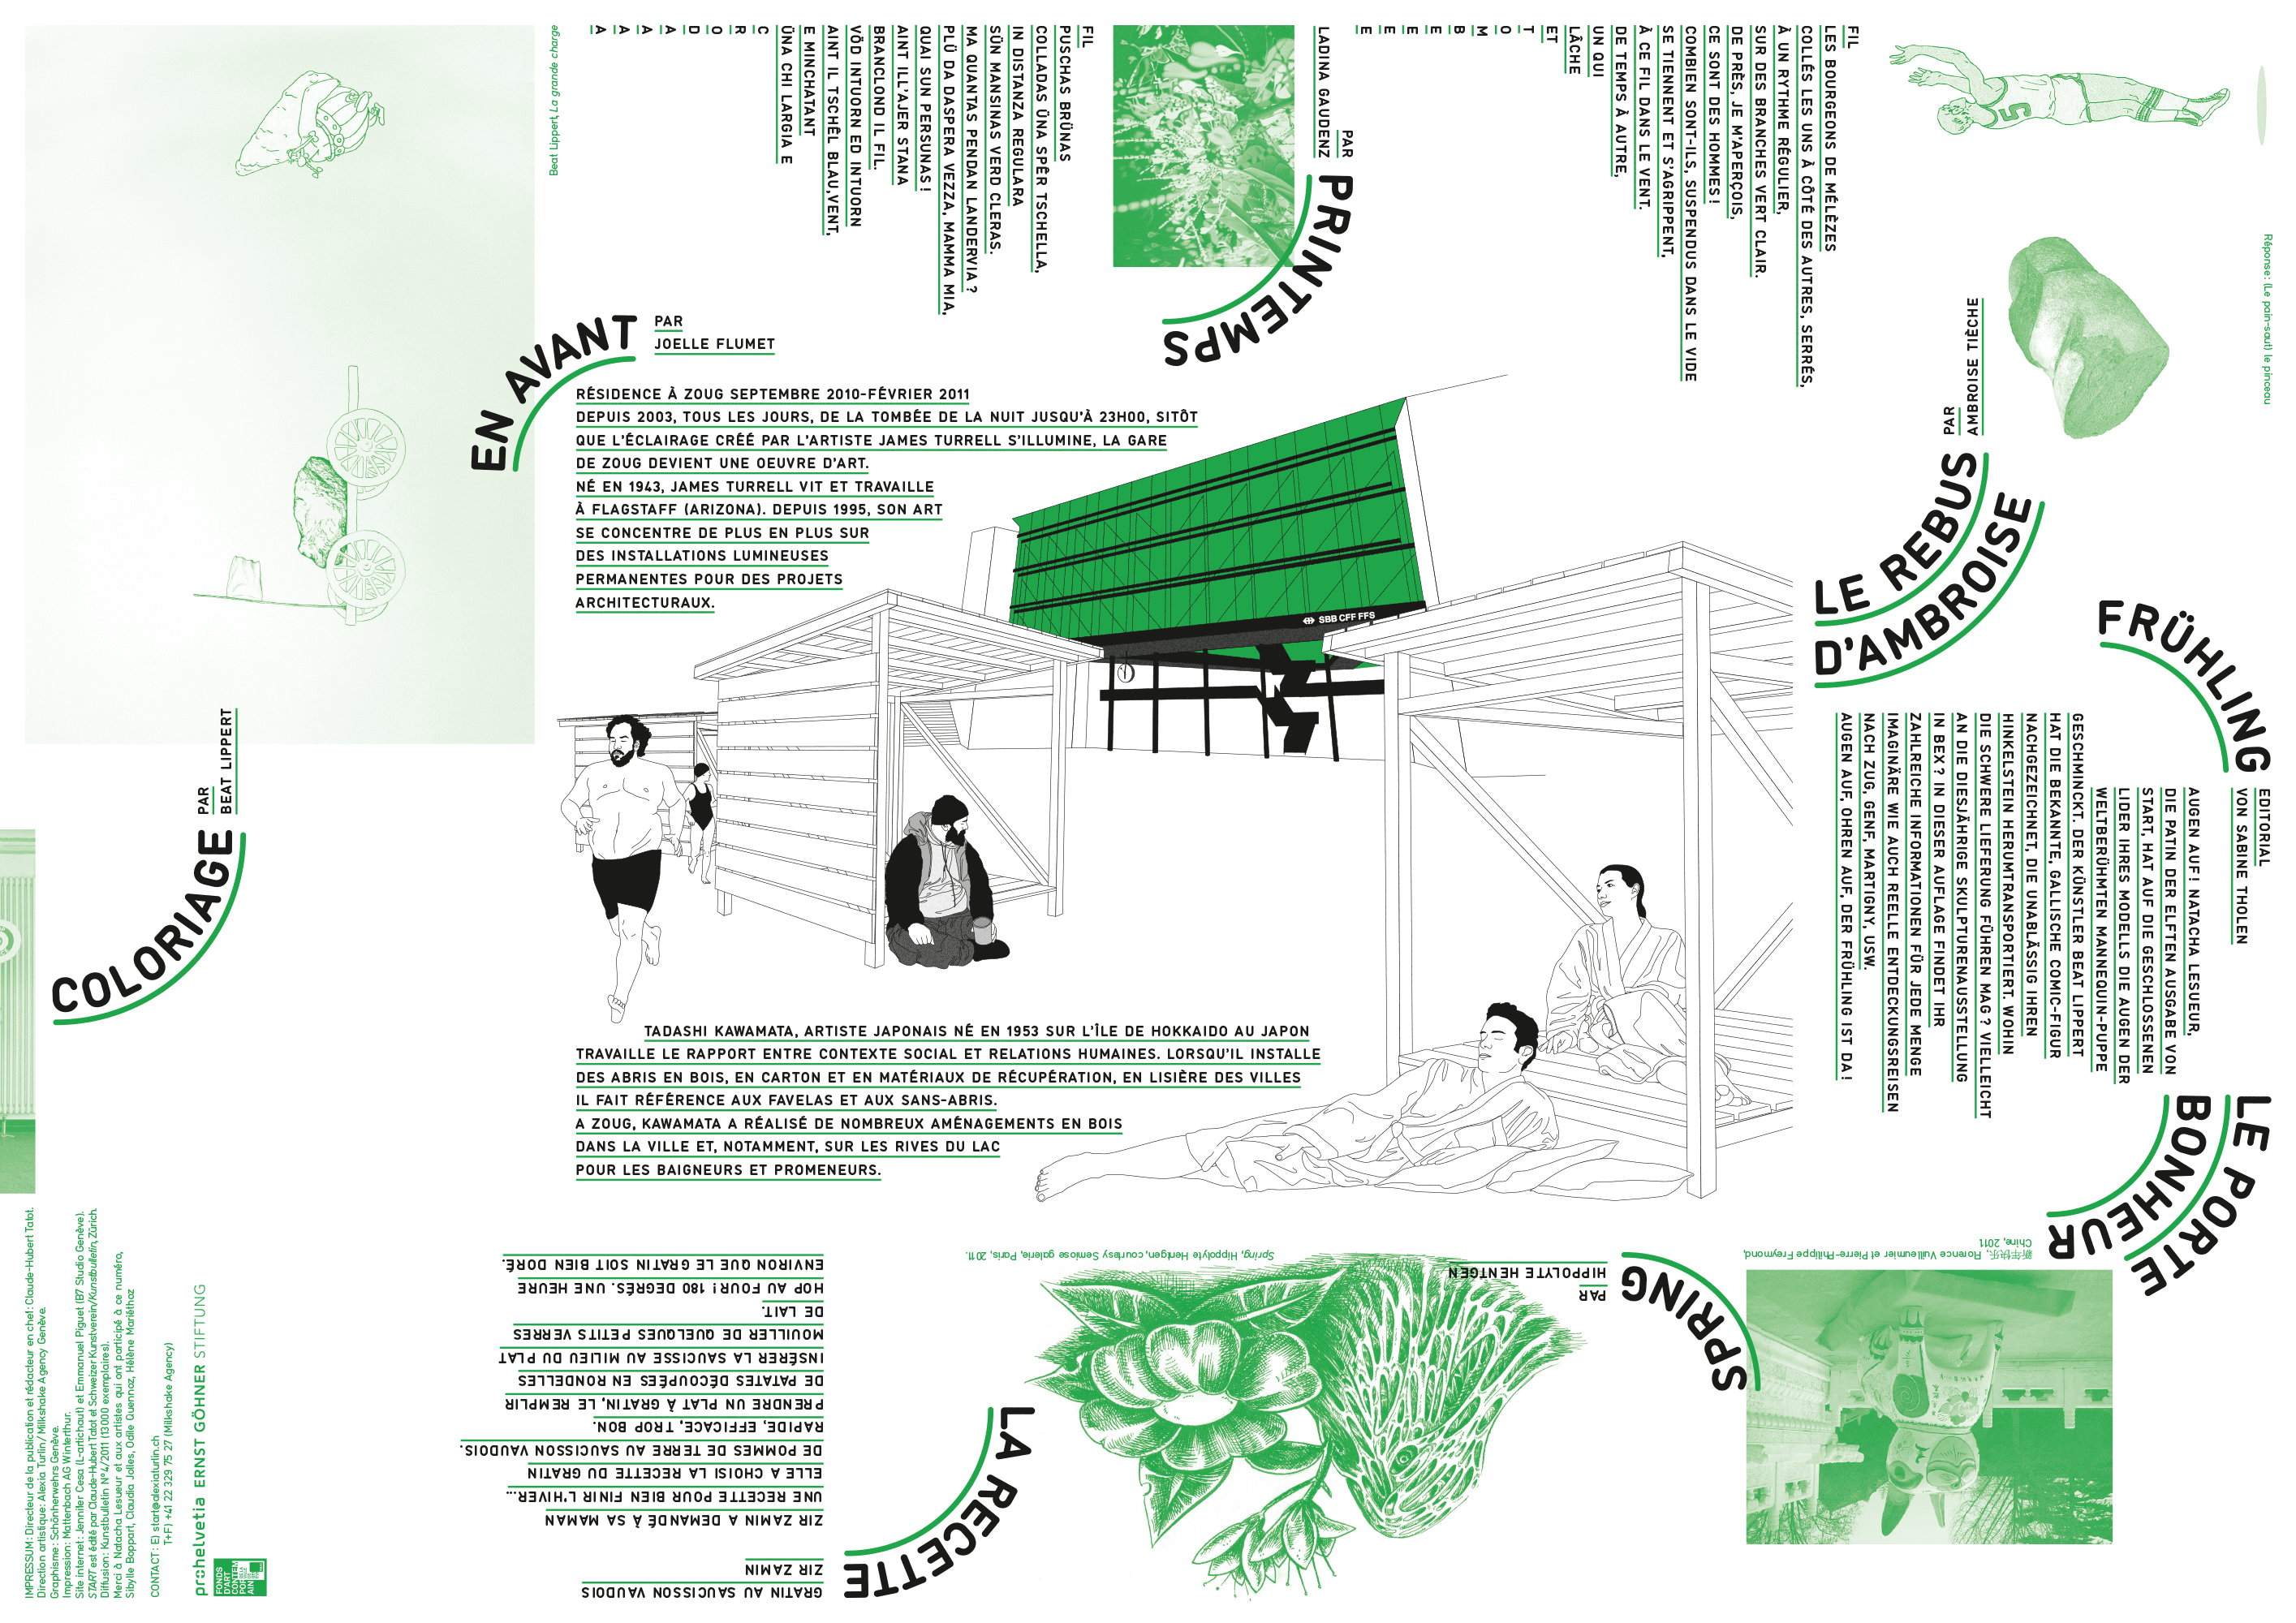 Magazine/dépliant d'art contemporain pour les enfants, édité par Claude-Hubert Tatot et Alexia Turlin, inséré dans le Kunstbulletin (verso)